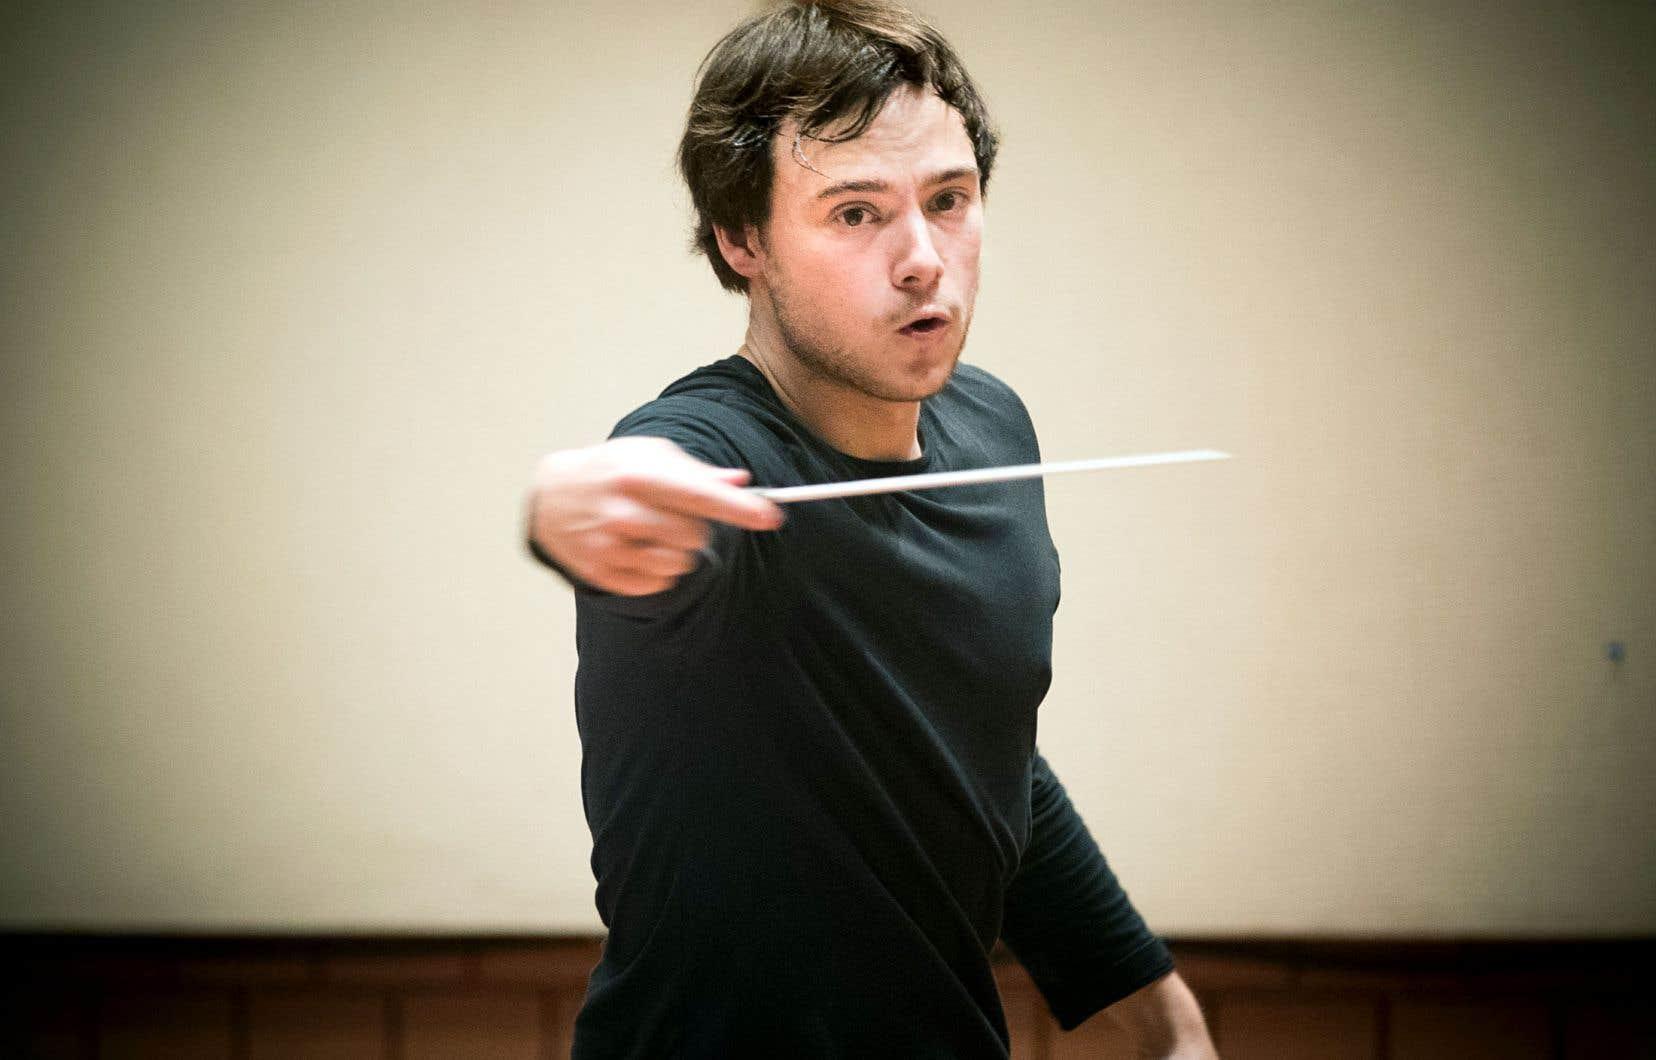 Le programme que l'Orchestre symphonique de l'Agora, dirigé par le chef Nicolas Ellis, a présenté jeudi était courageux.